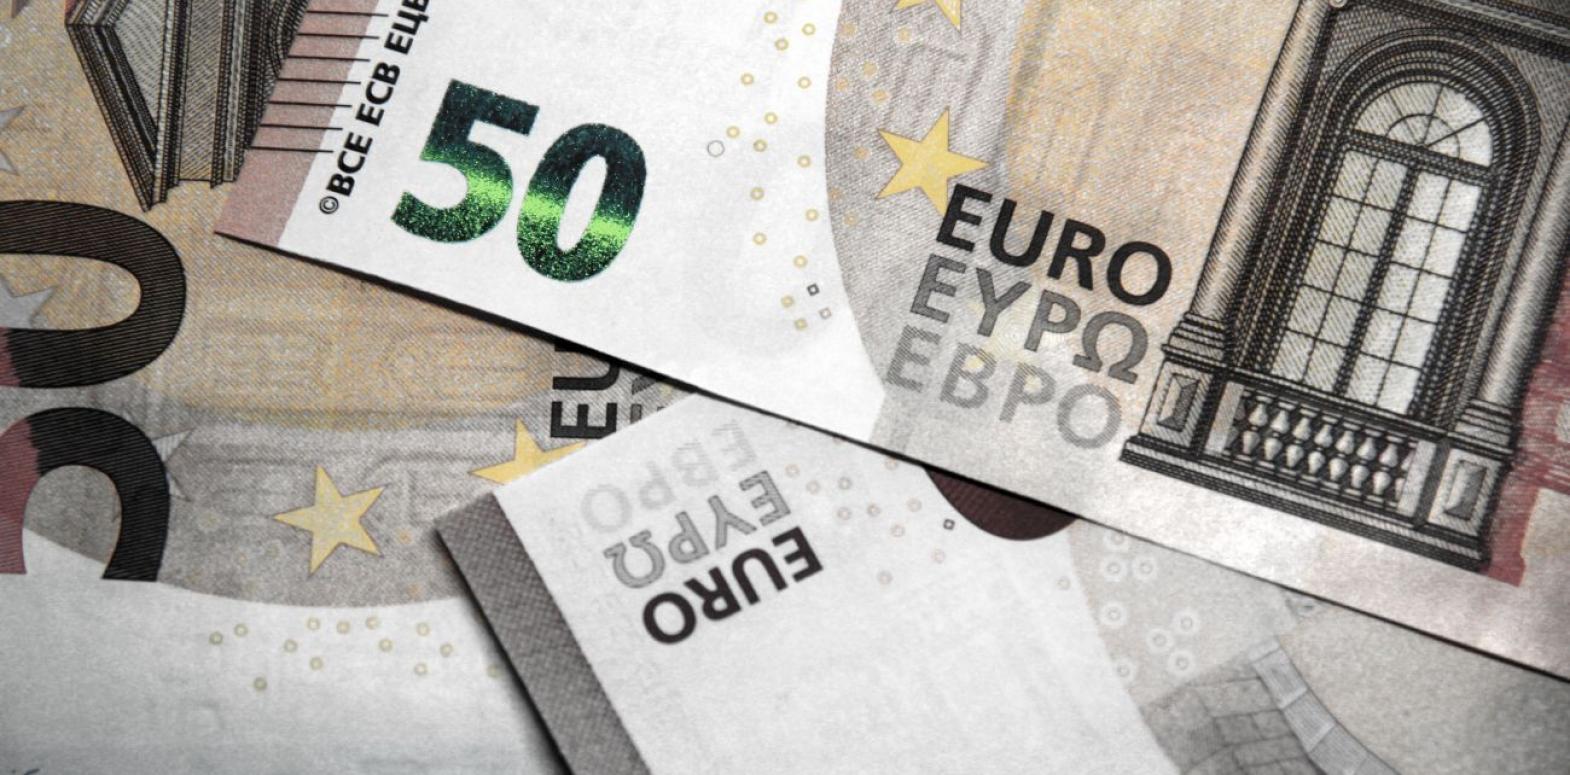 Курс евро вырос после падения до годового минимума